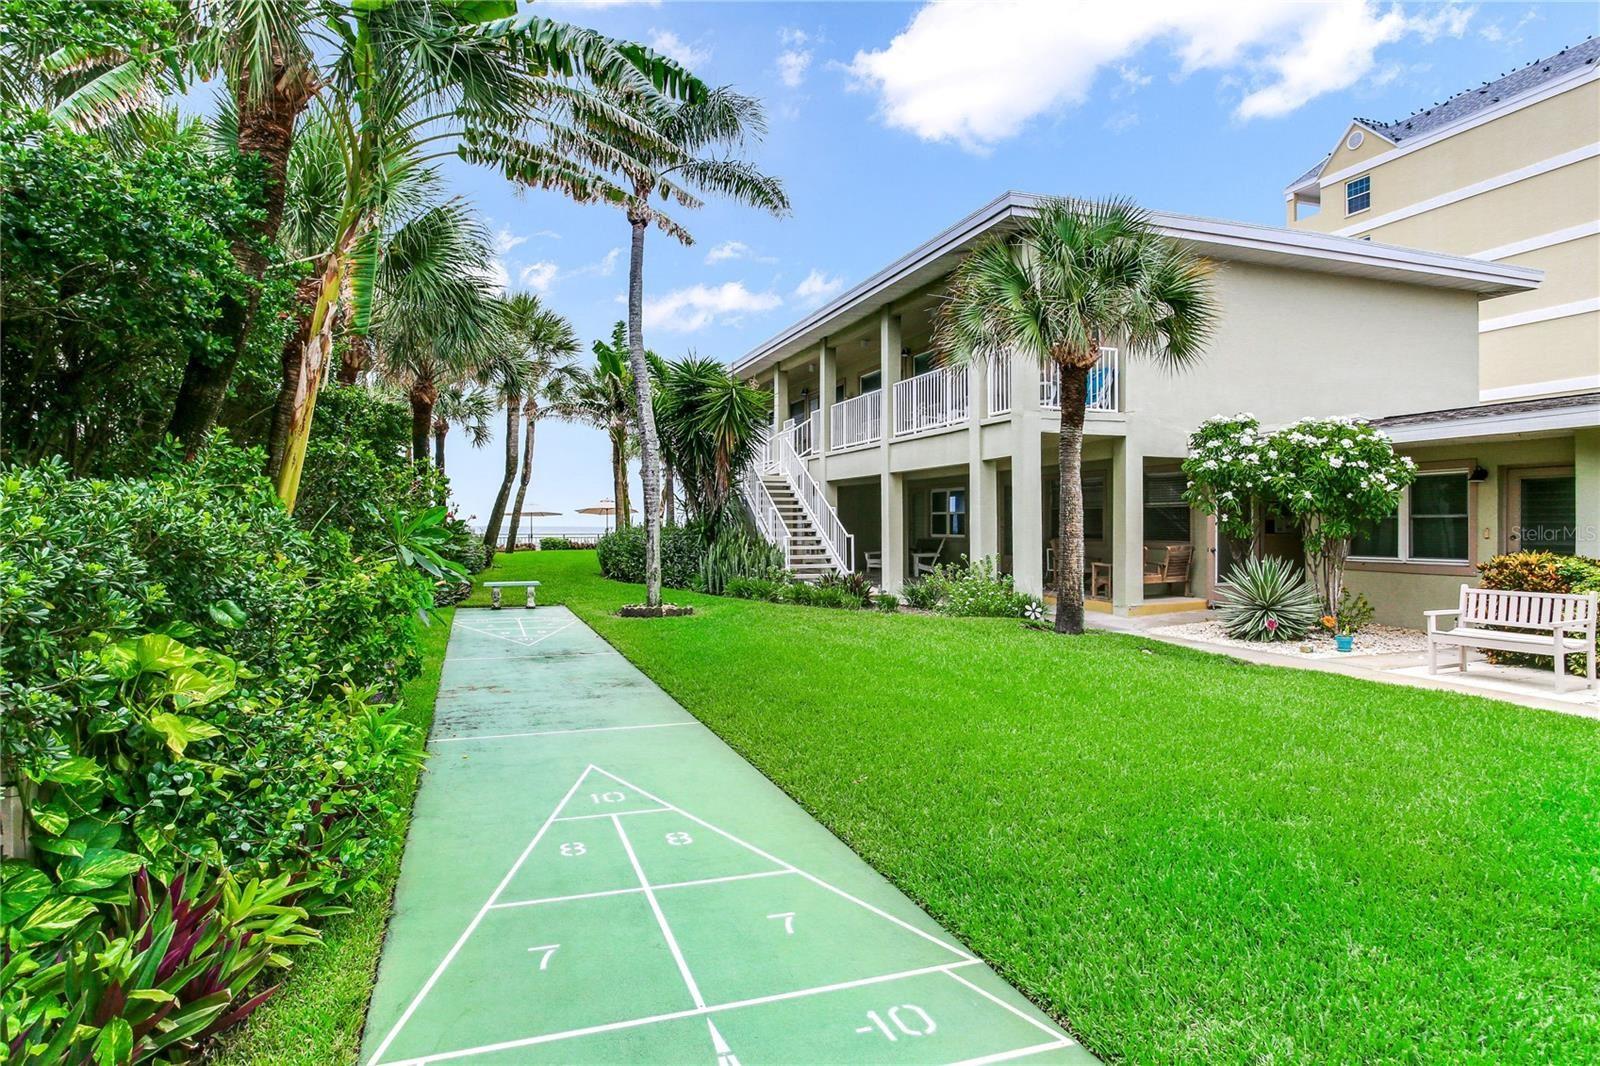 16850 GULF BOULEVARD #8, North Redington Beach, FL 33708 - #: U8134327